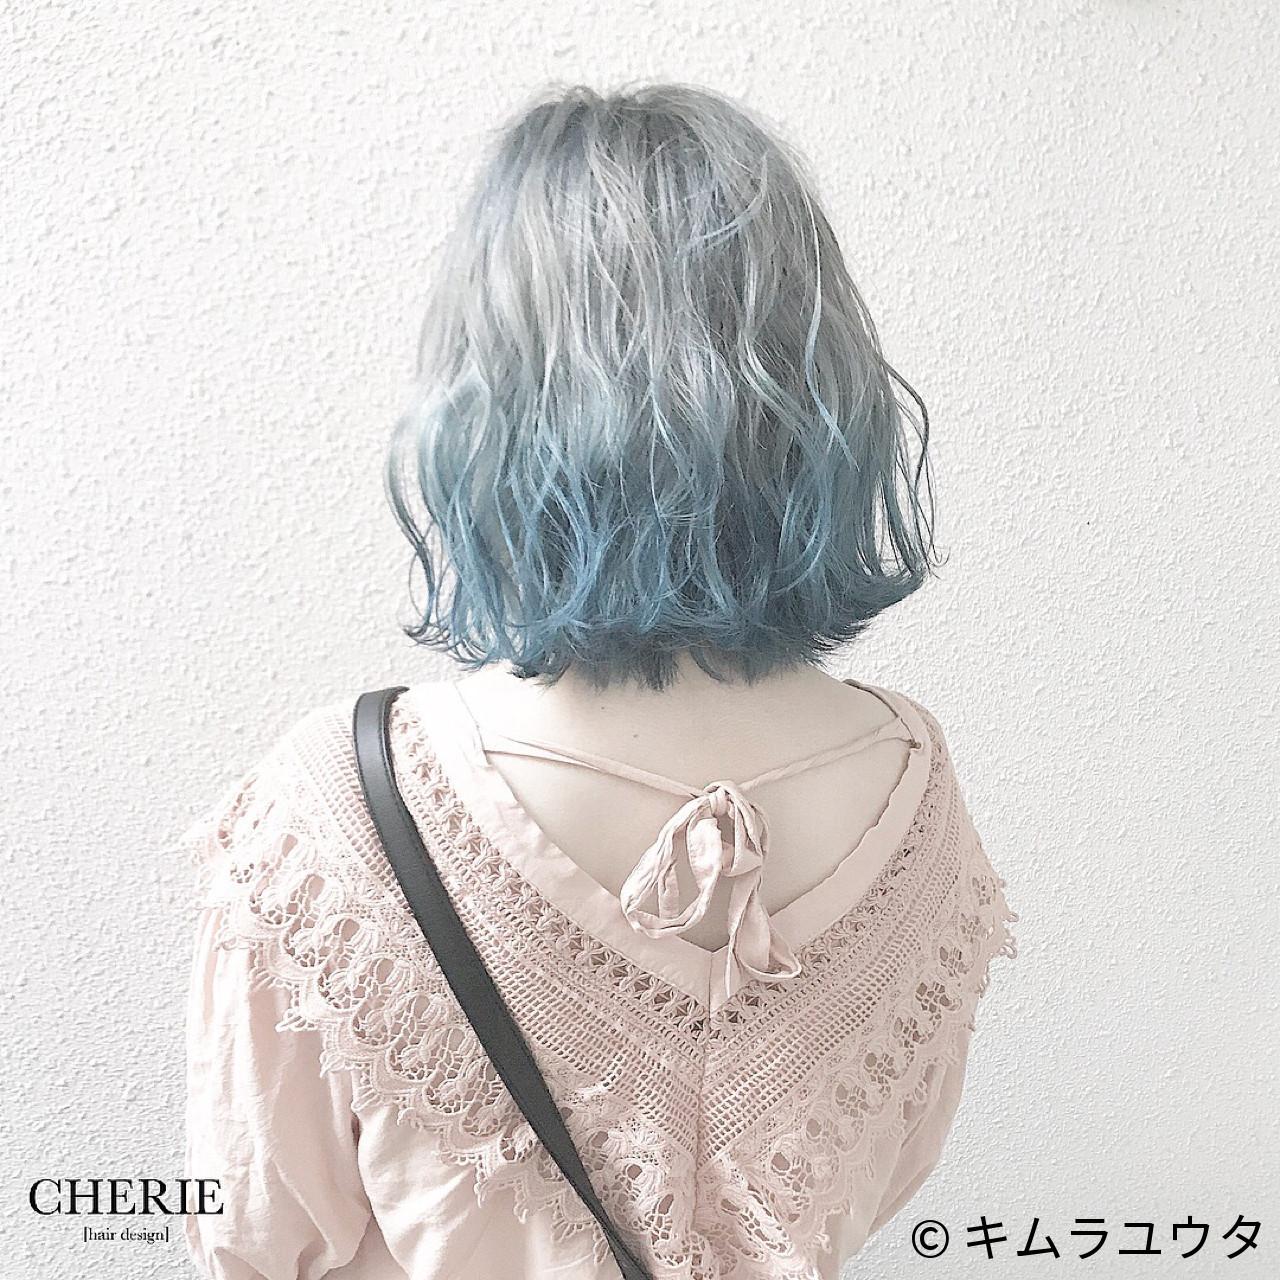 インナーカラー カラーバター ボブ ブルー ヘアスタイルや髪型の写真・画像